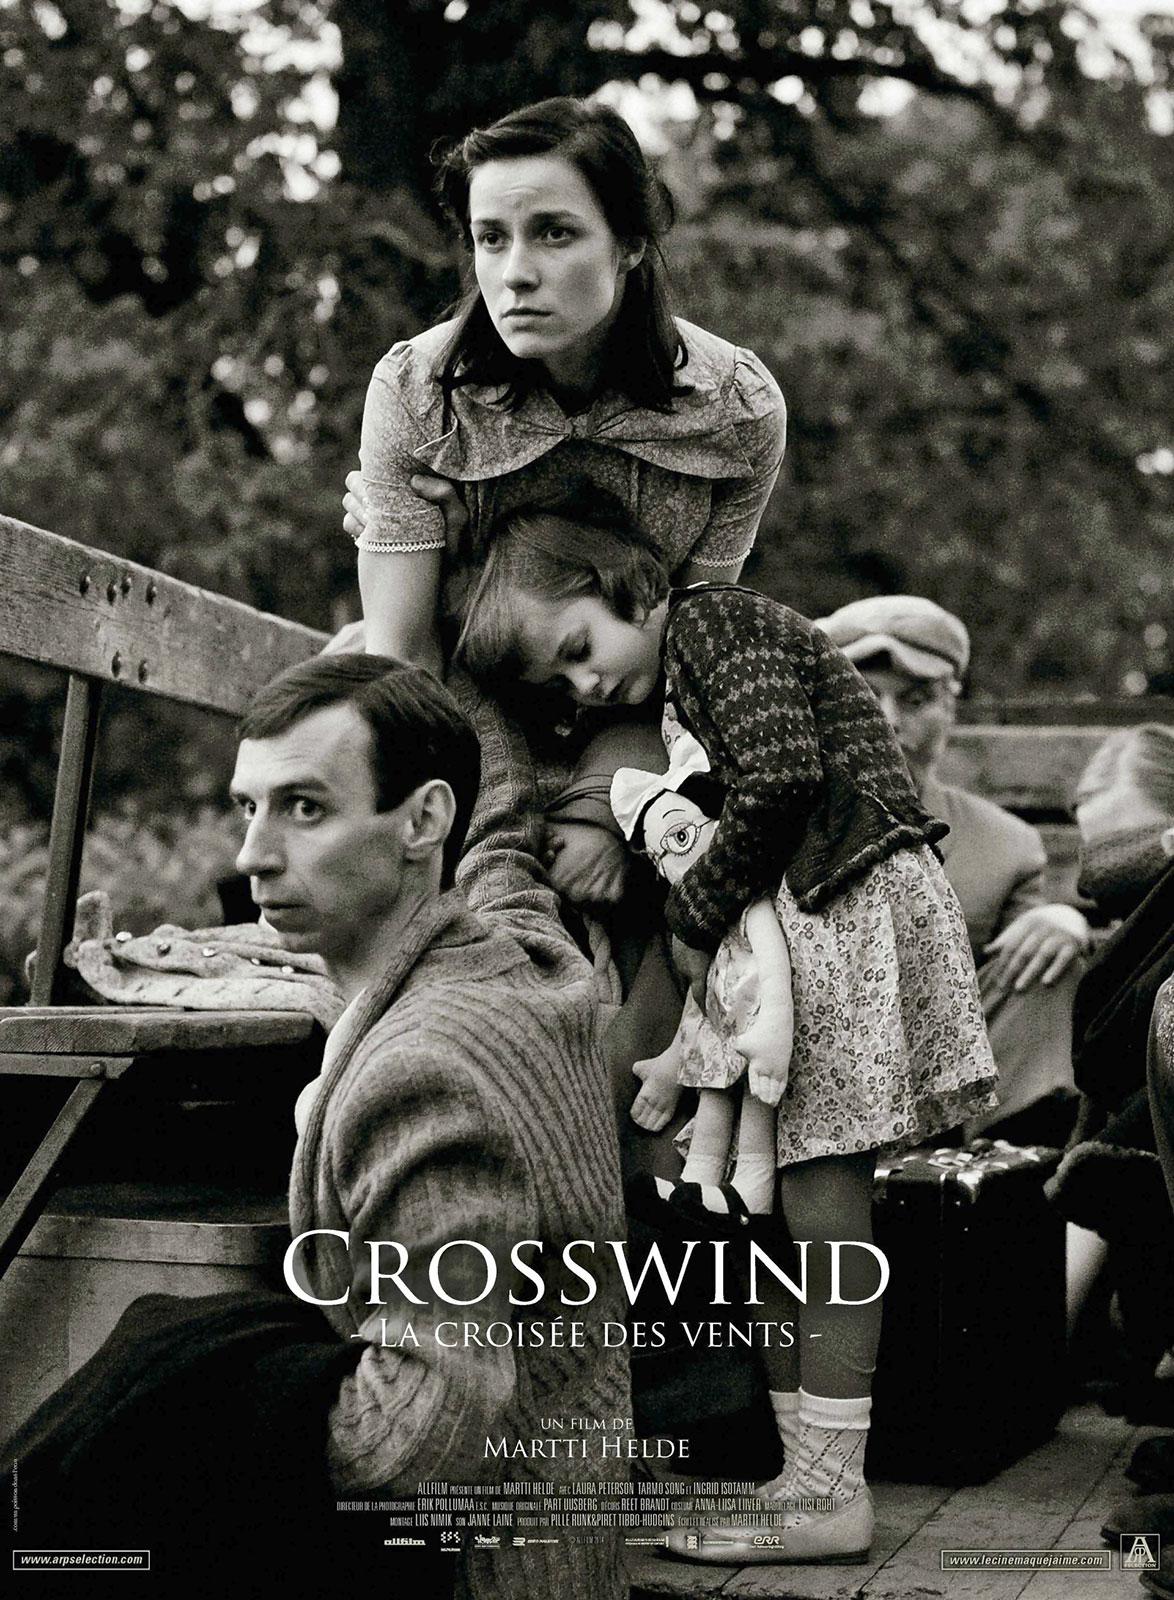 Crosswind La croisée des vents